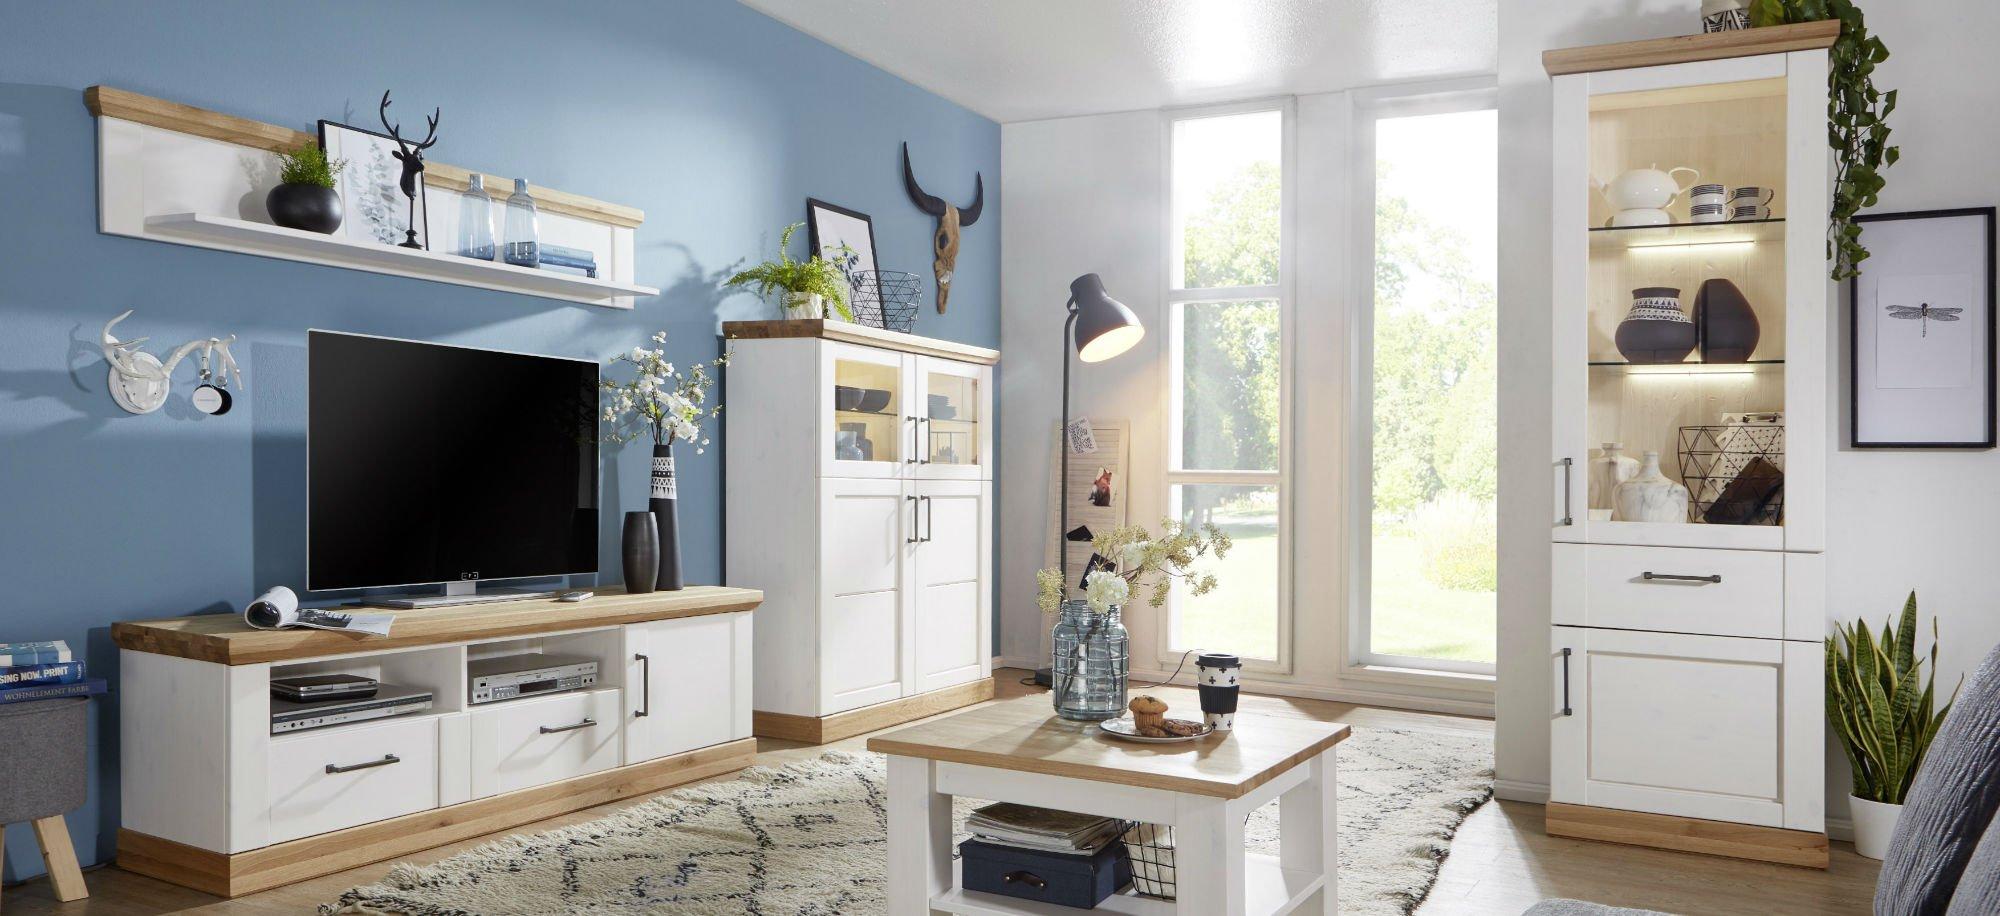 Wohnzimmer Speisezimmer Hagebro Kiefer Massiv weiß, Bild 4